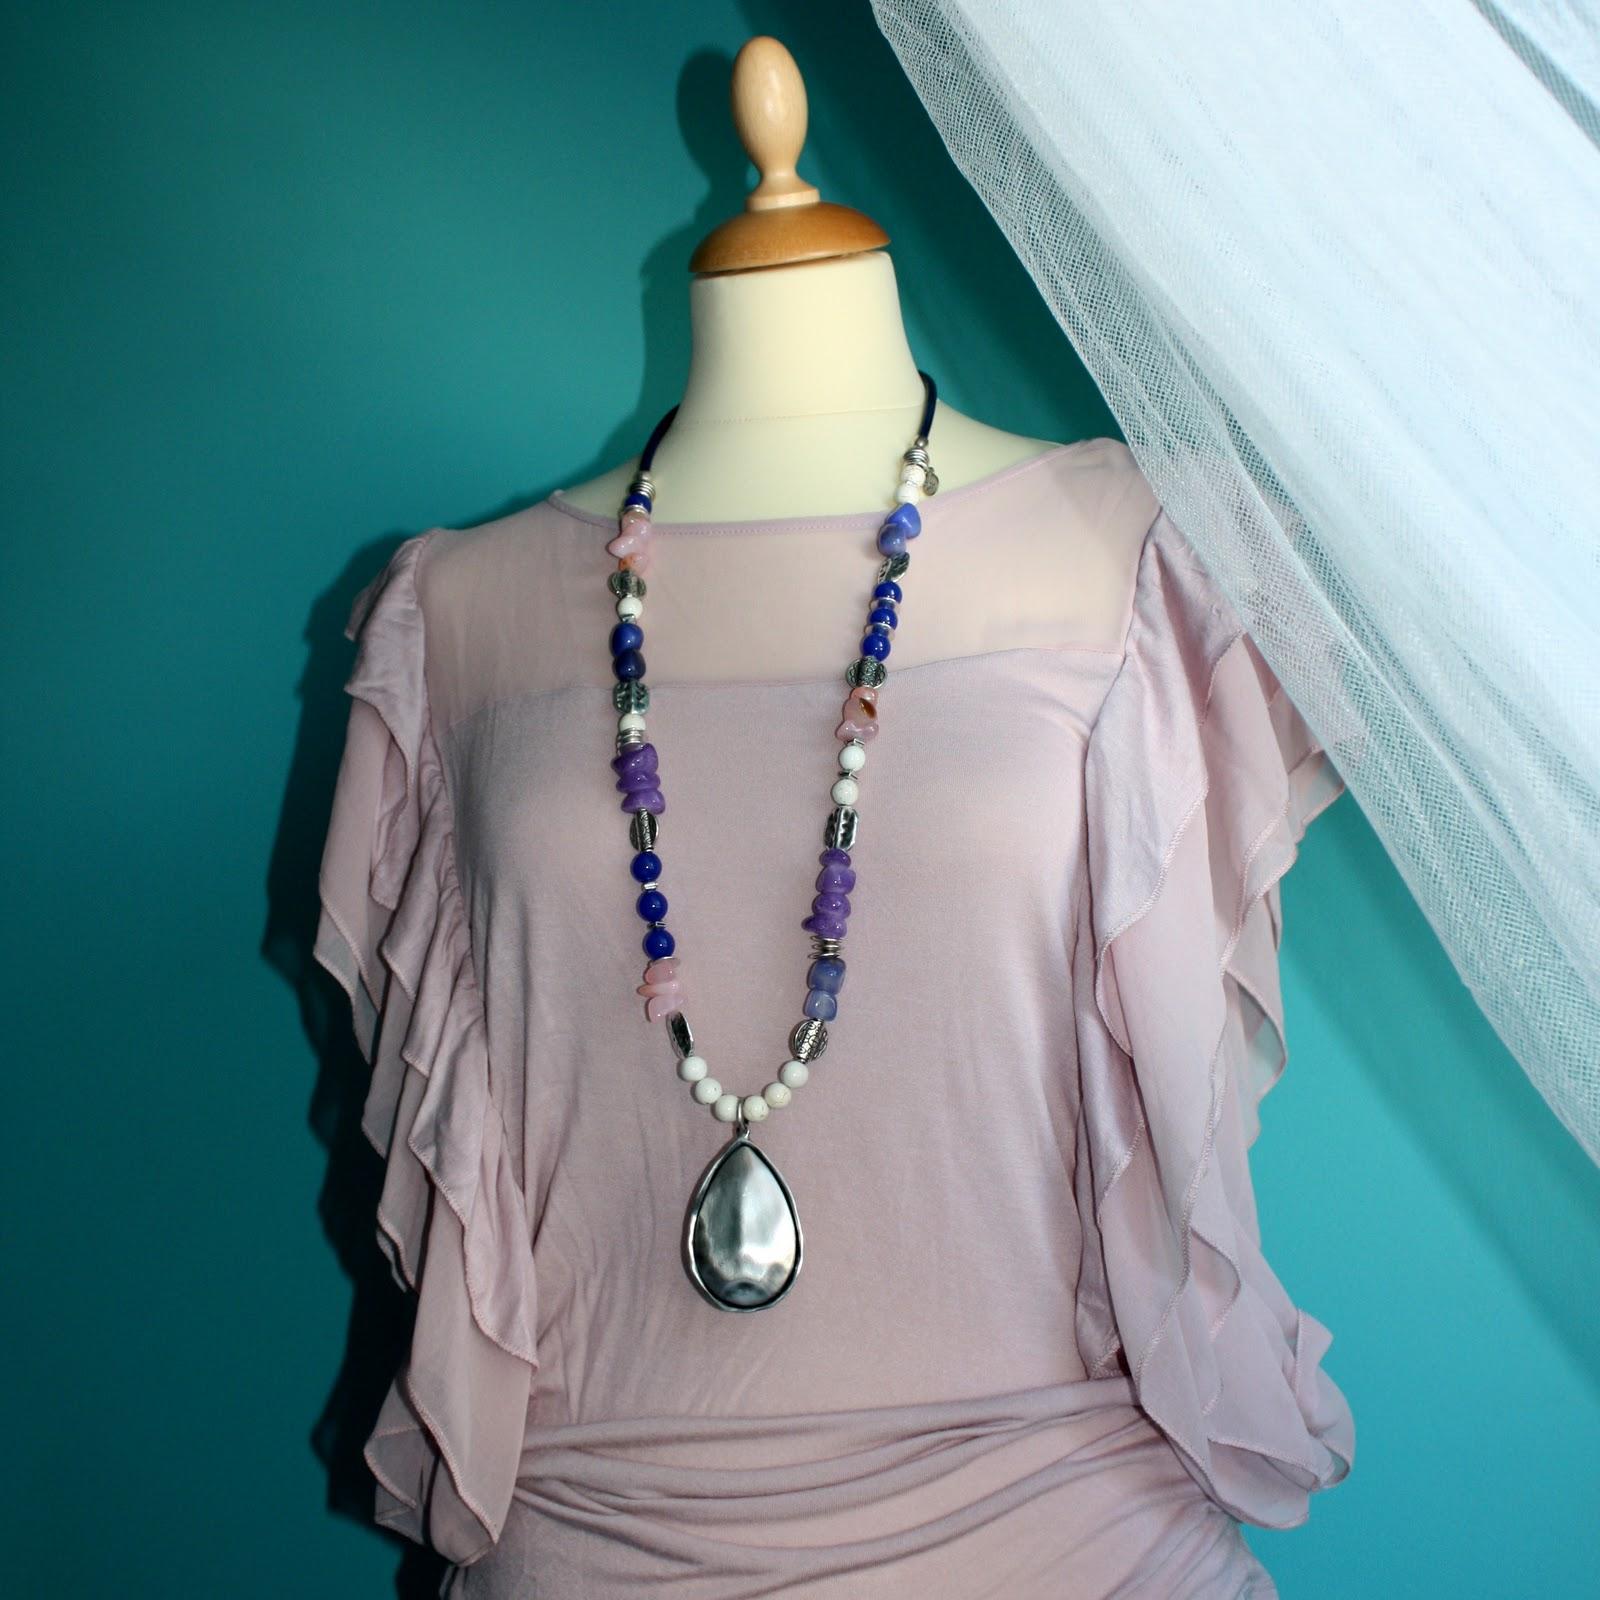 2n de nini collares con piedras naturales en rosa - Piedras para collares ...